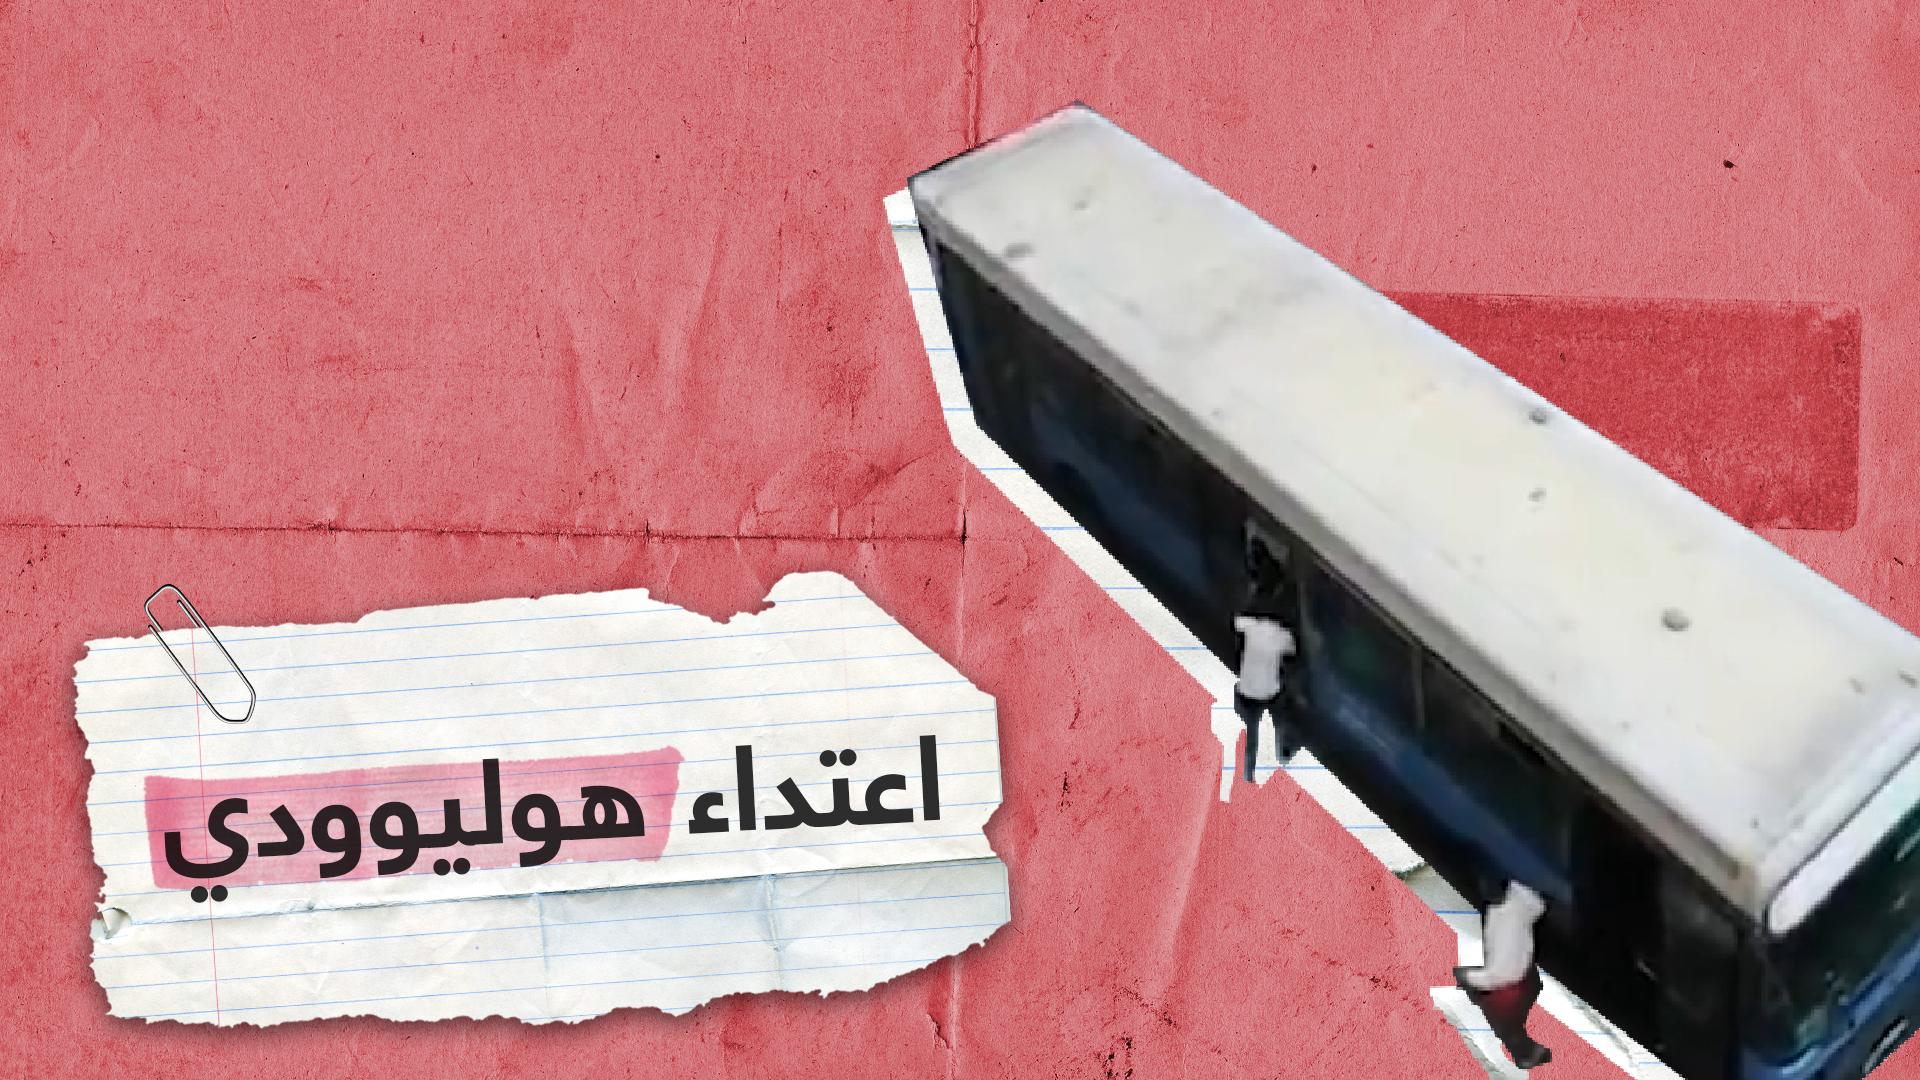 شاهد.. اعتداء وحشي على حافلة في شوارع المغرب!